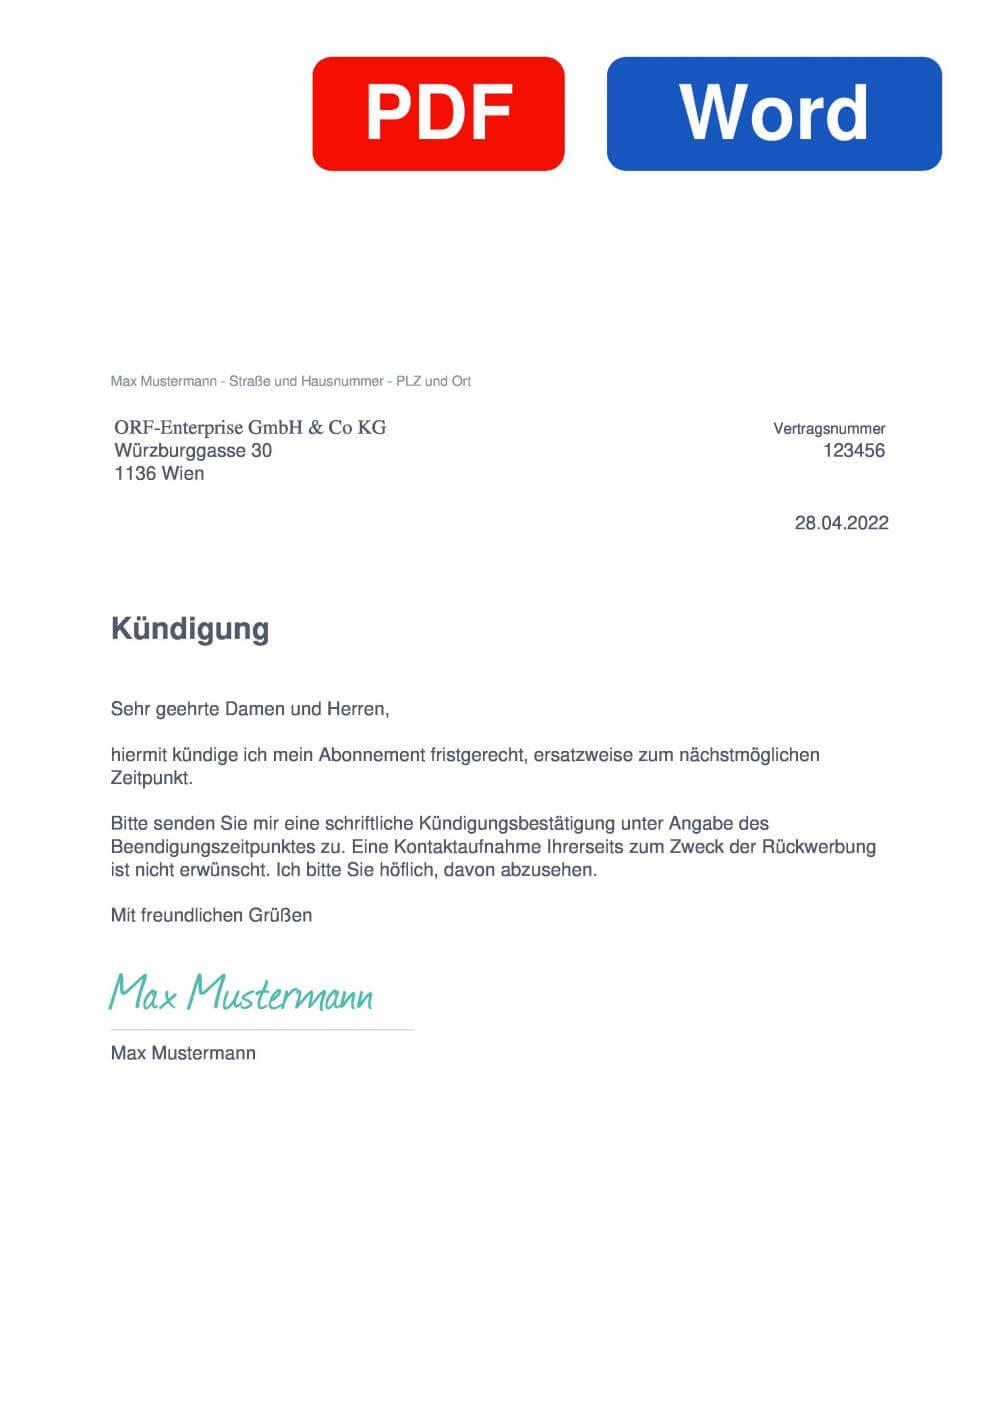 ORF nachlese Muster Vorlage für Kündigungsschreiben